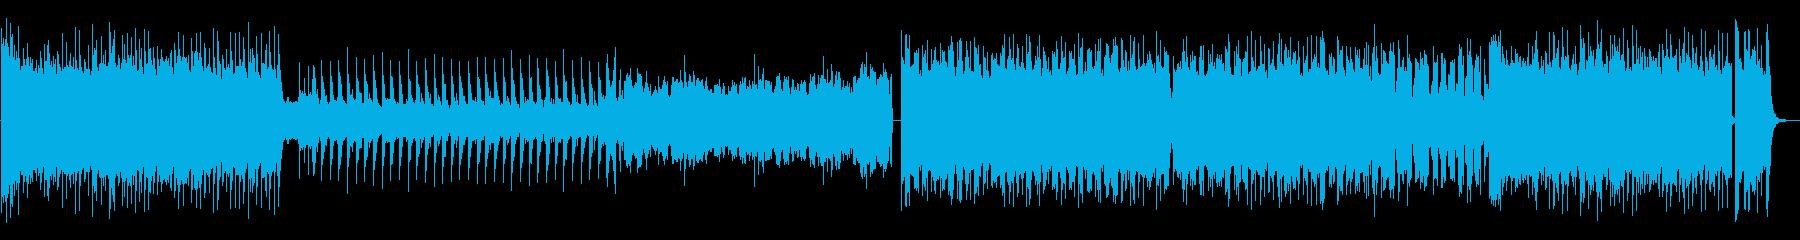 風吹の再生済みの波形